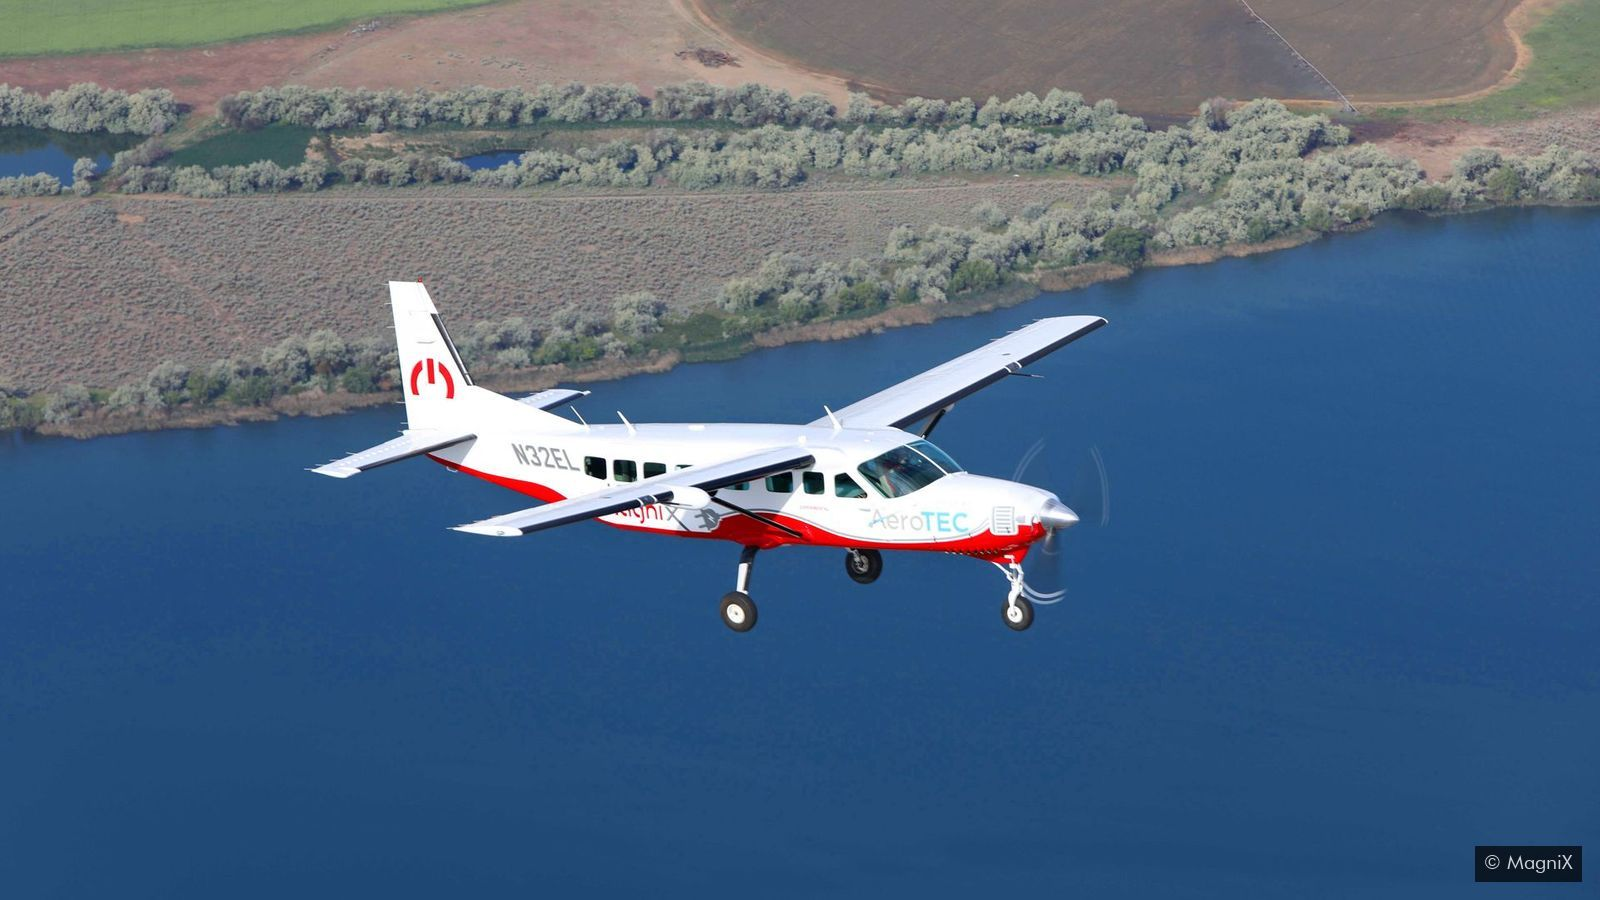 magas vérnyomású repülőgépen repül lehetséges-e engedélyt szerezni magas vérnyomás esetén